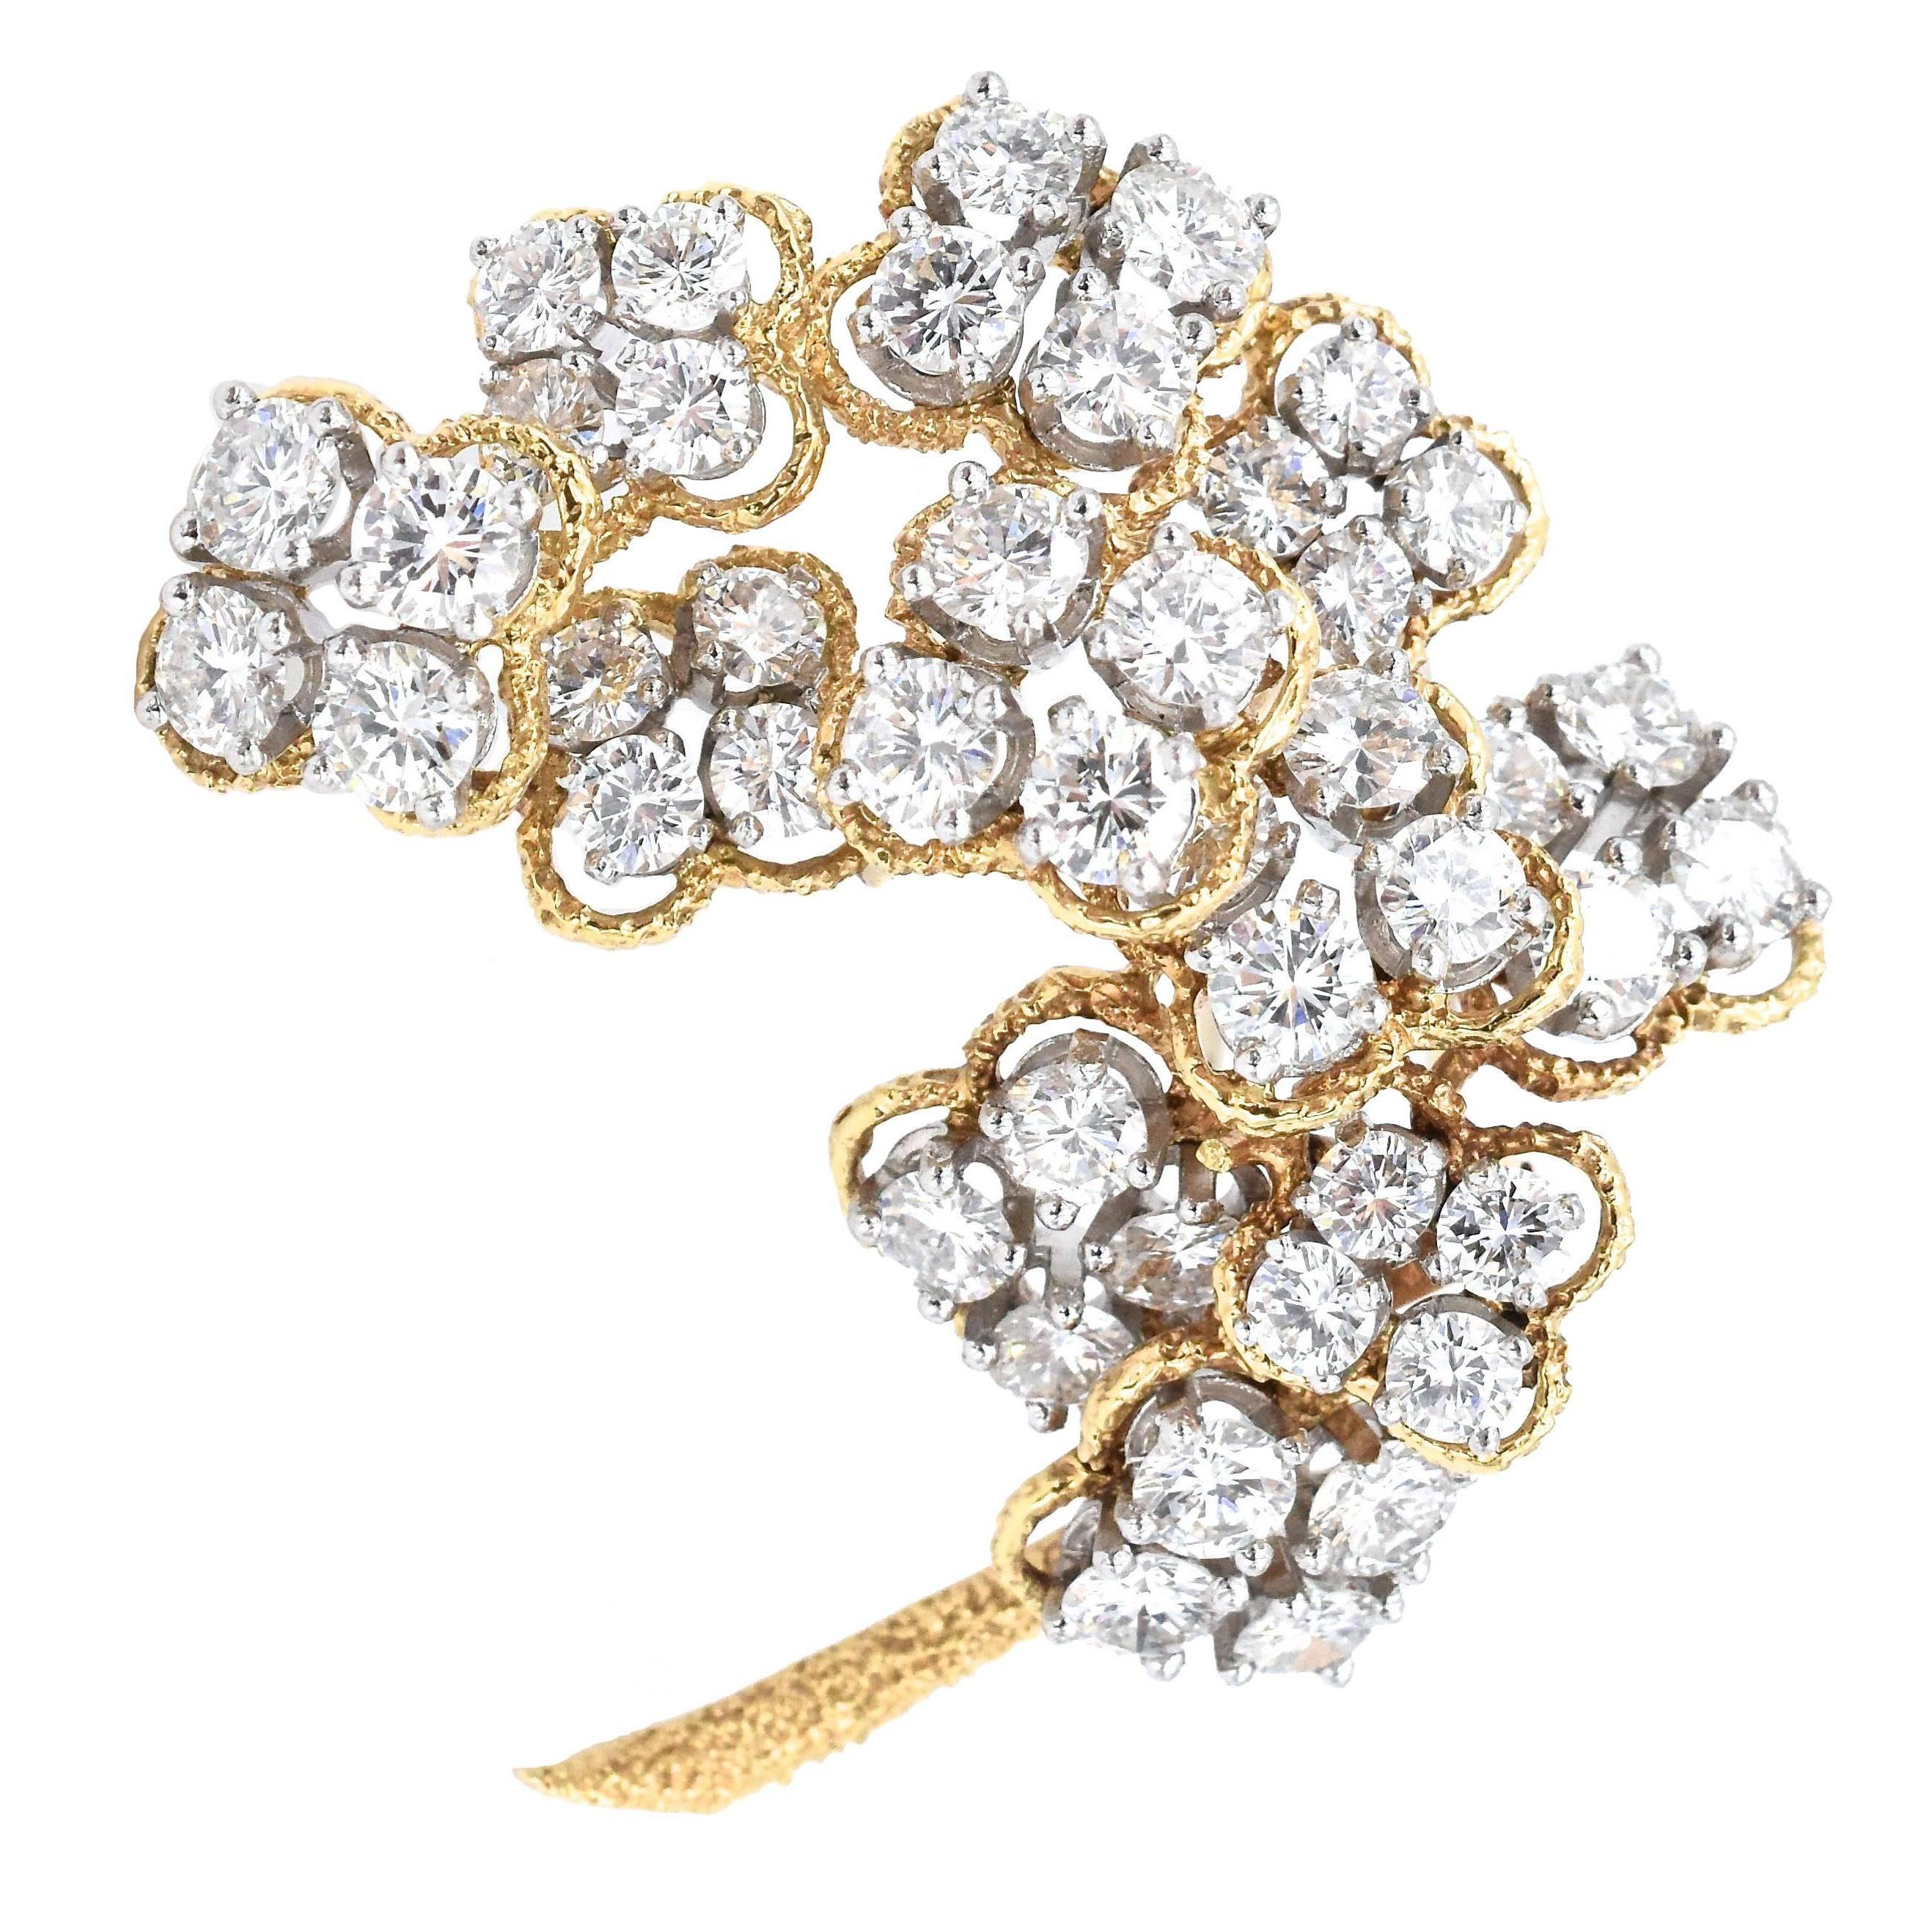 Van Cleef & Arpels Floral Diamond Brooch